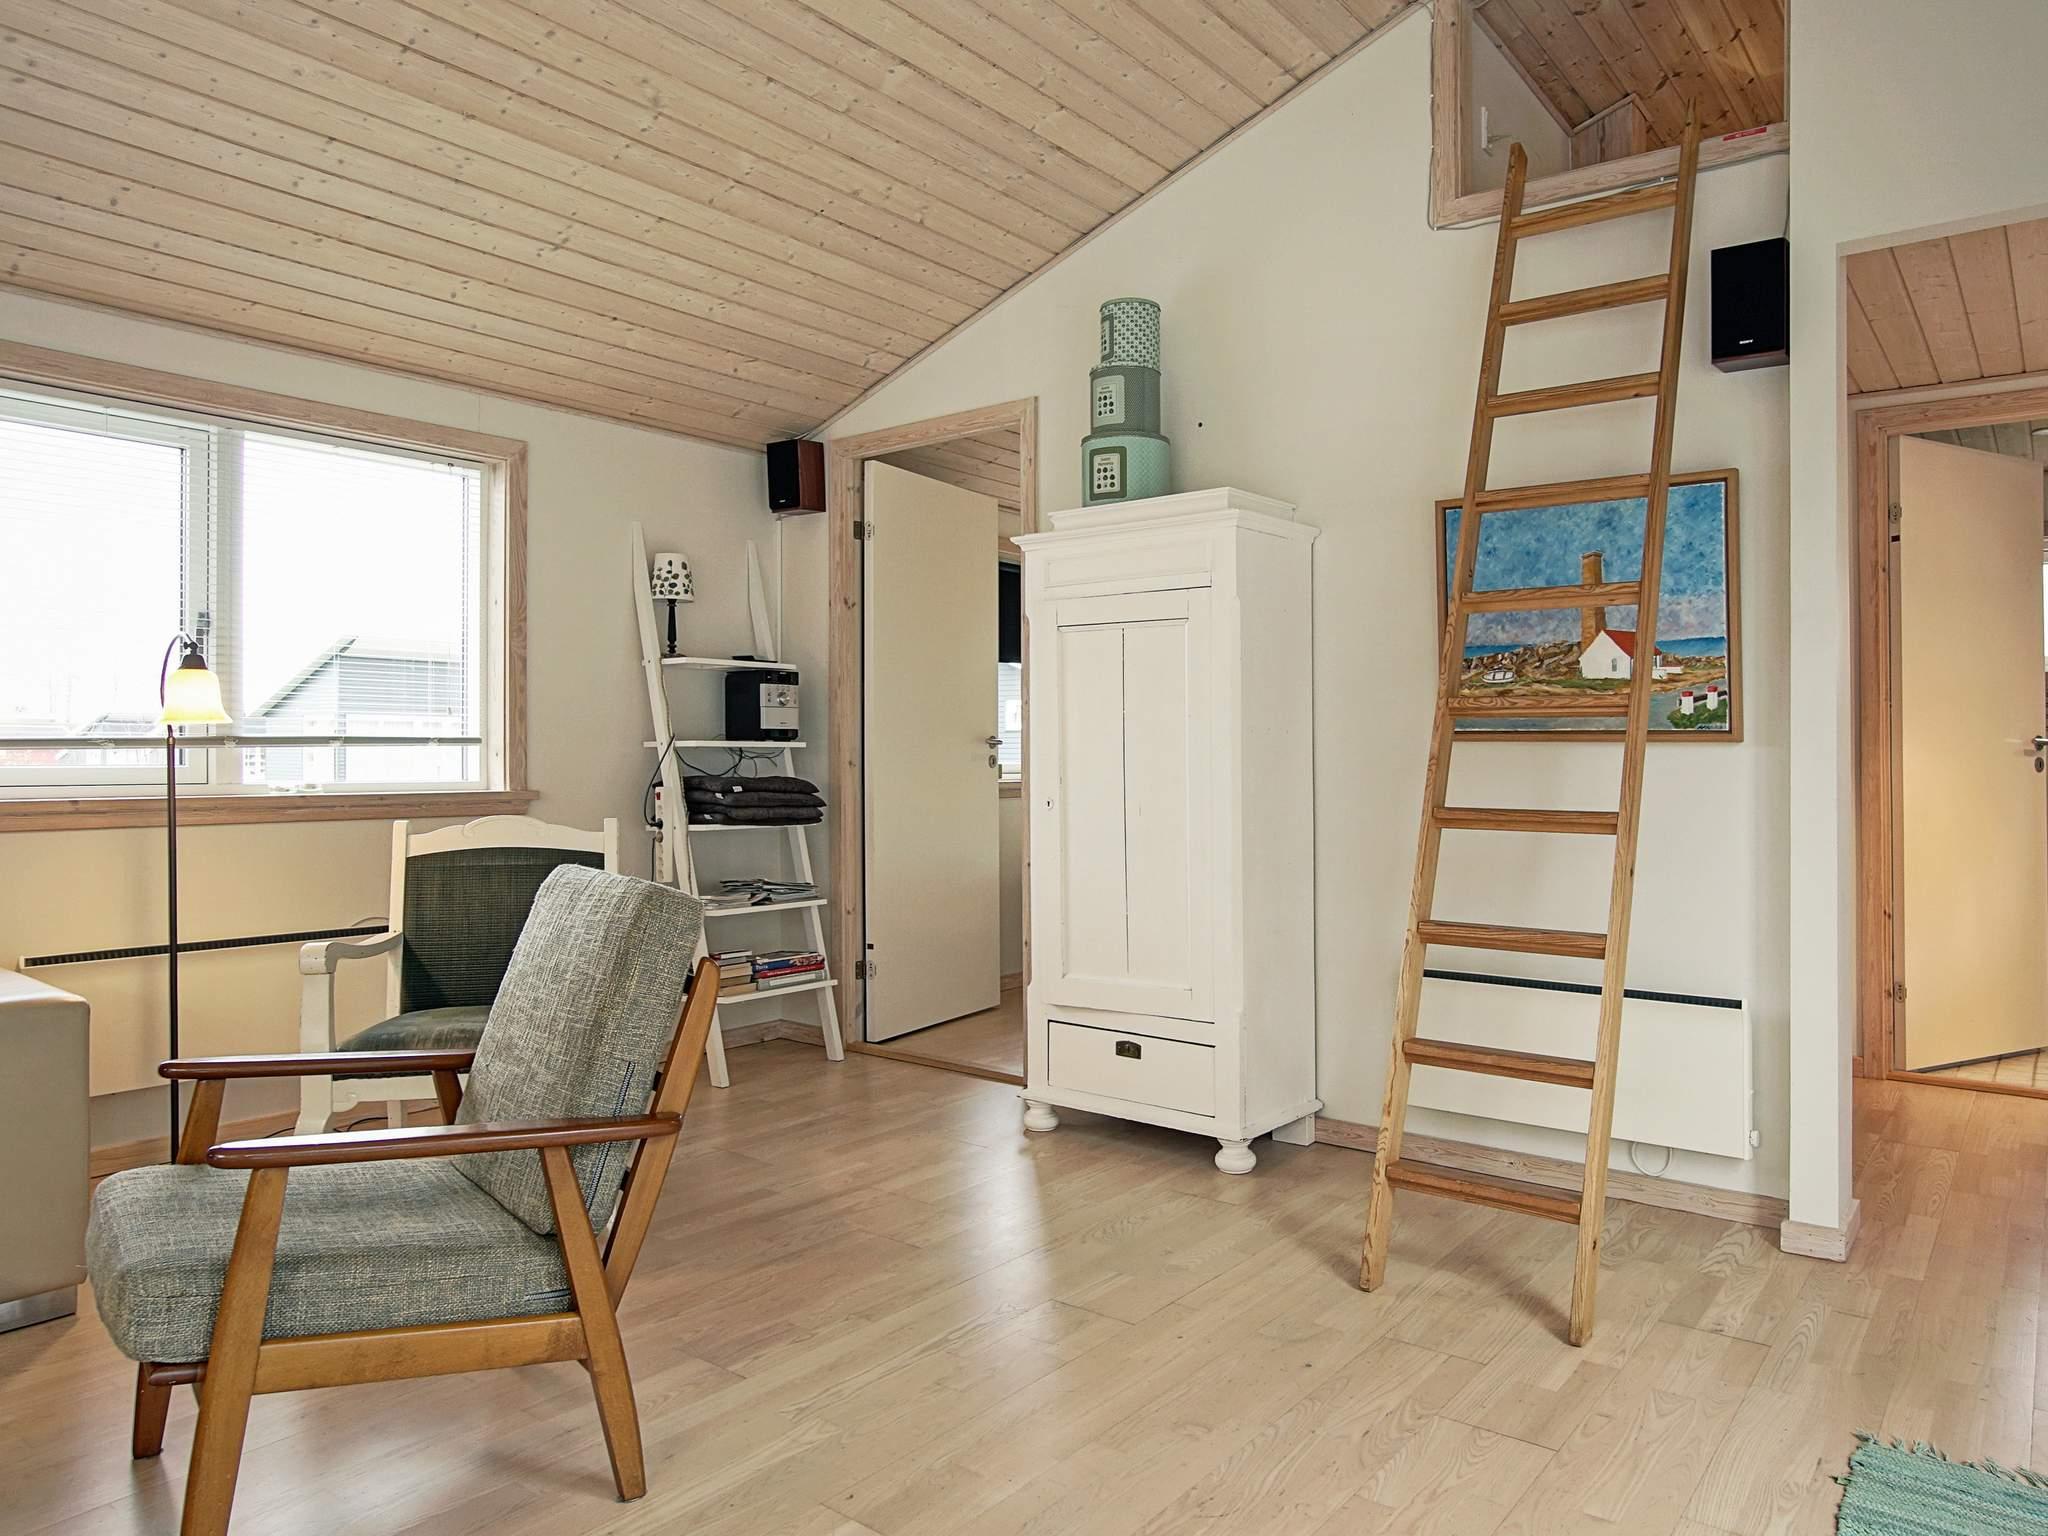 Ferienhaus Rø/Gudhjem (438568), Gudhjem, , Bornholm, Dänemark, Bild 4